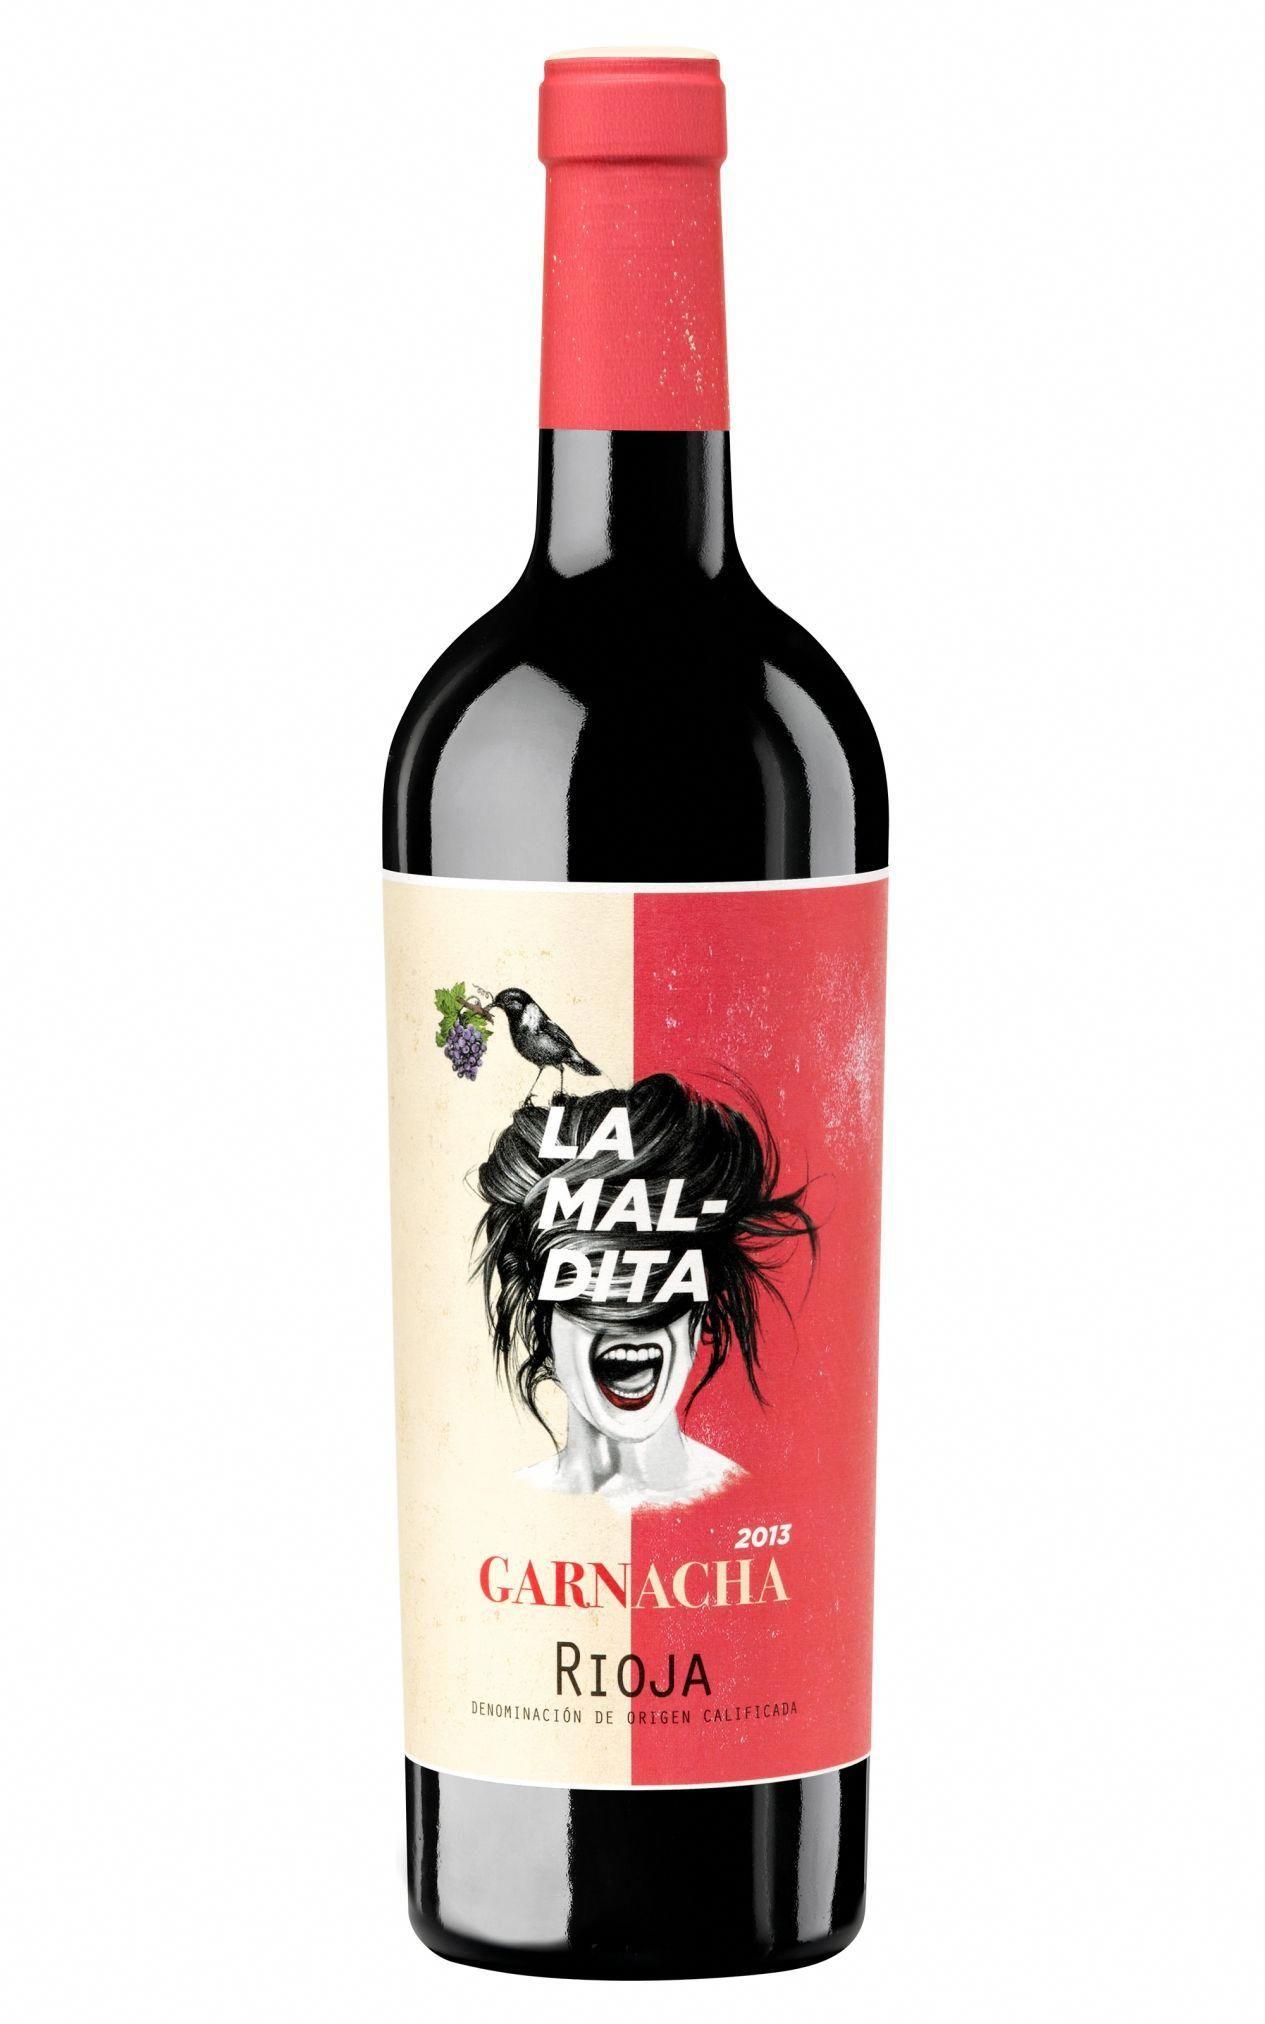 Calcco Packaging Vinedos La Maldita La Maldita D O Ca Rioja Logrono La Rioja Winelabels Wine Bottle Design Wine Packaging Wine Brands